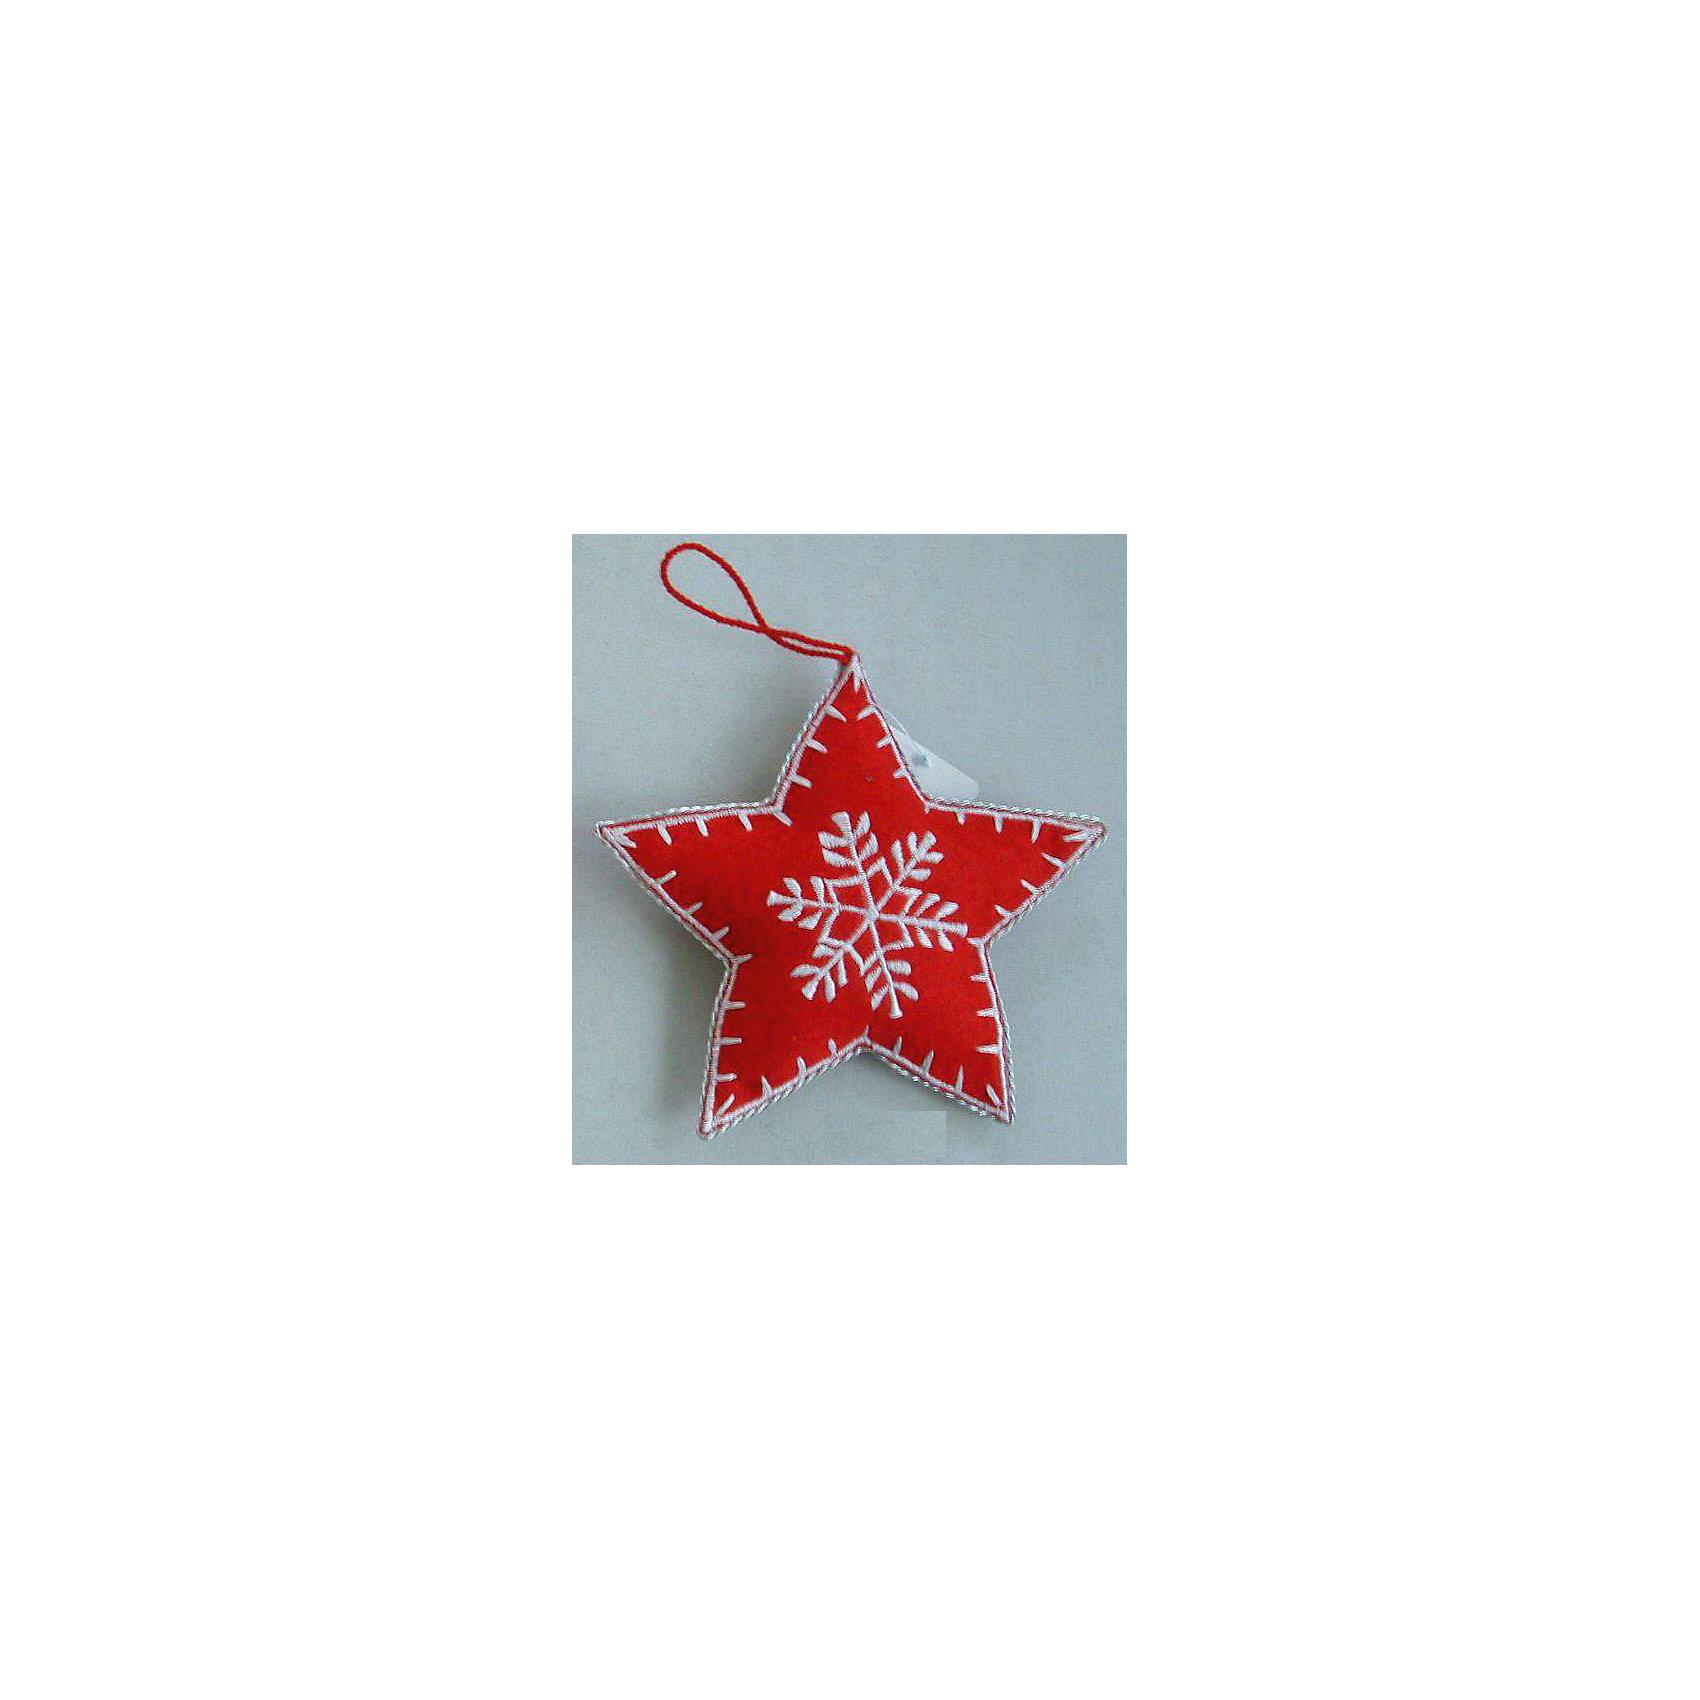 Новогоднее подвесное украшение Звезда 8смВсё для праздника<br>Новогоднее подвесное украшение Звезда из полиэстра 8см. арт.25268<br><br>Ширина мм: 80<br>Глубина мм: 80<br>Высота мм: 20<br>Вес г: 4<br>Возраст от месяцев: 60<br>Возраст до месяцев: 600<br>Пол: Унисекс<br>Возраст: Детский<br>SKU: 5144669